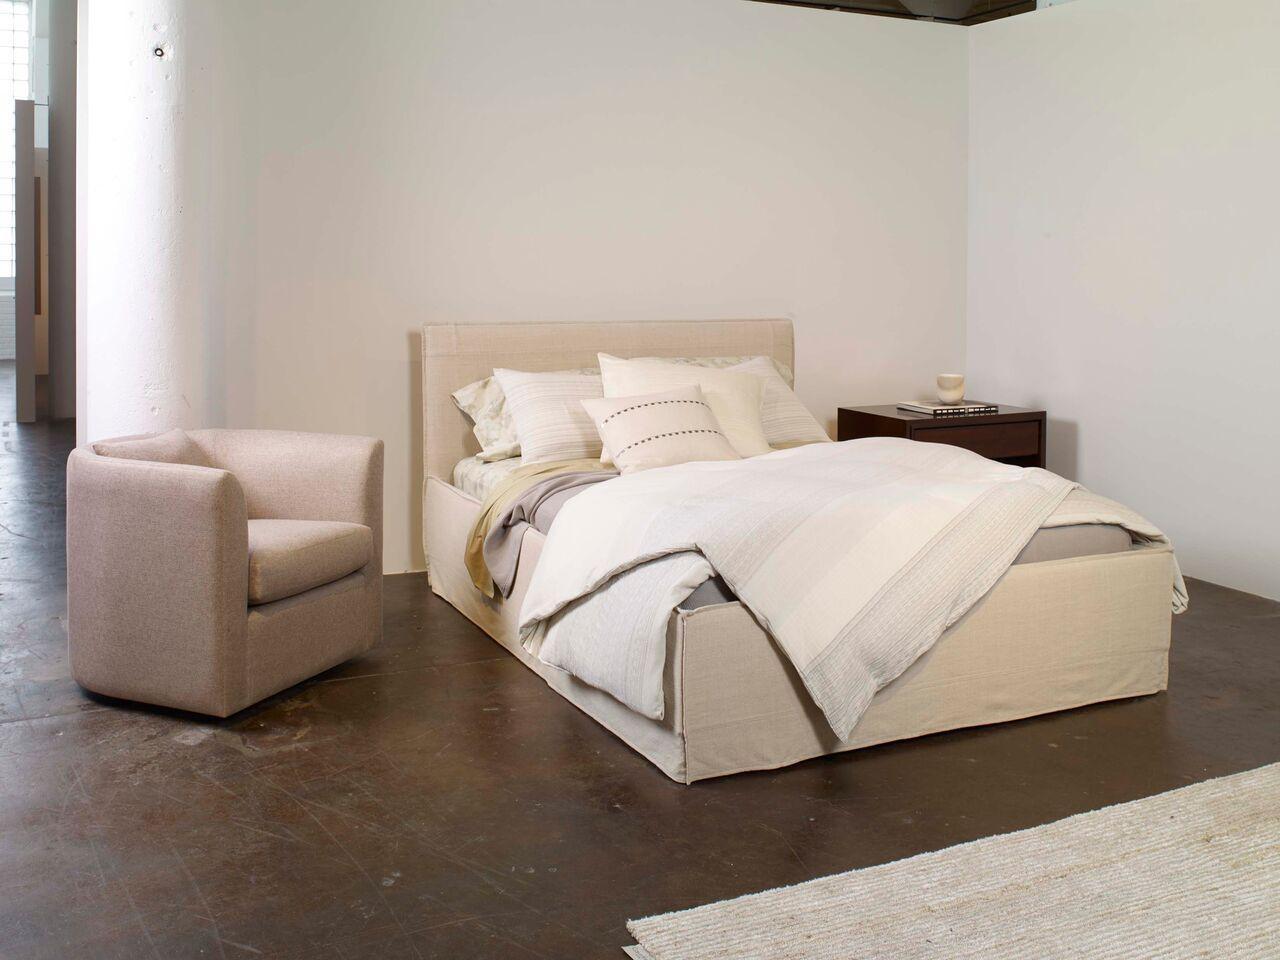 calvin klein home bed  calvin klein home  pinterest - calvin klein home bed